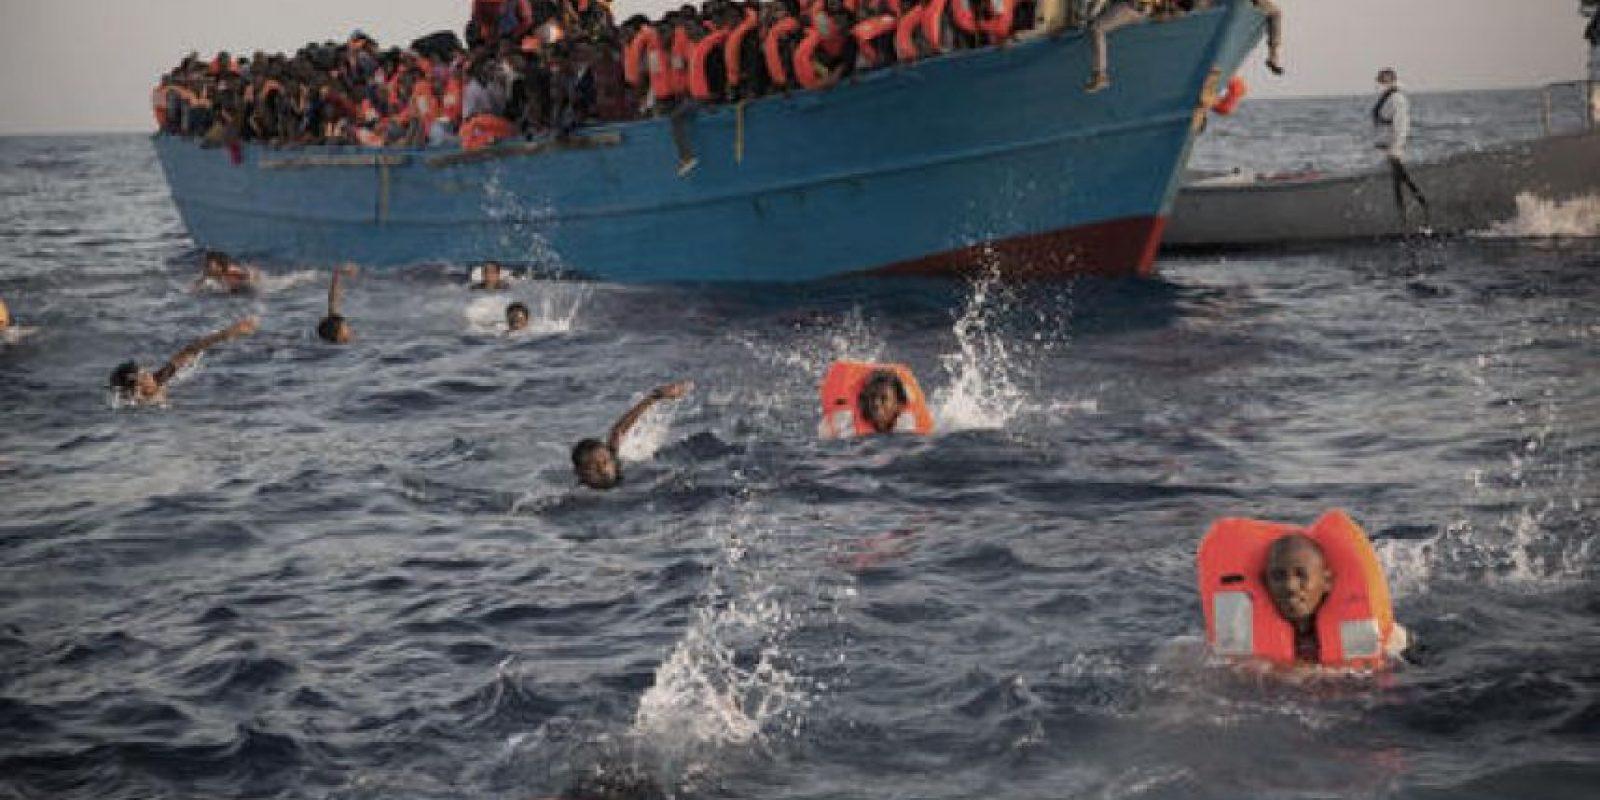 """El año pasado, la OIM calificó el Mediterráneo como la ruta """"más mortal para los inmigrantes que buscan una vida mejor"""". Imagen de archivo para ilustrar, no corresponde al día del evento. Foto:AP/ Archivo"""